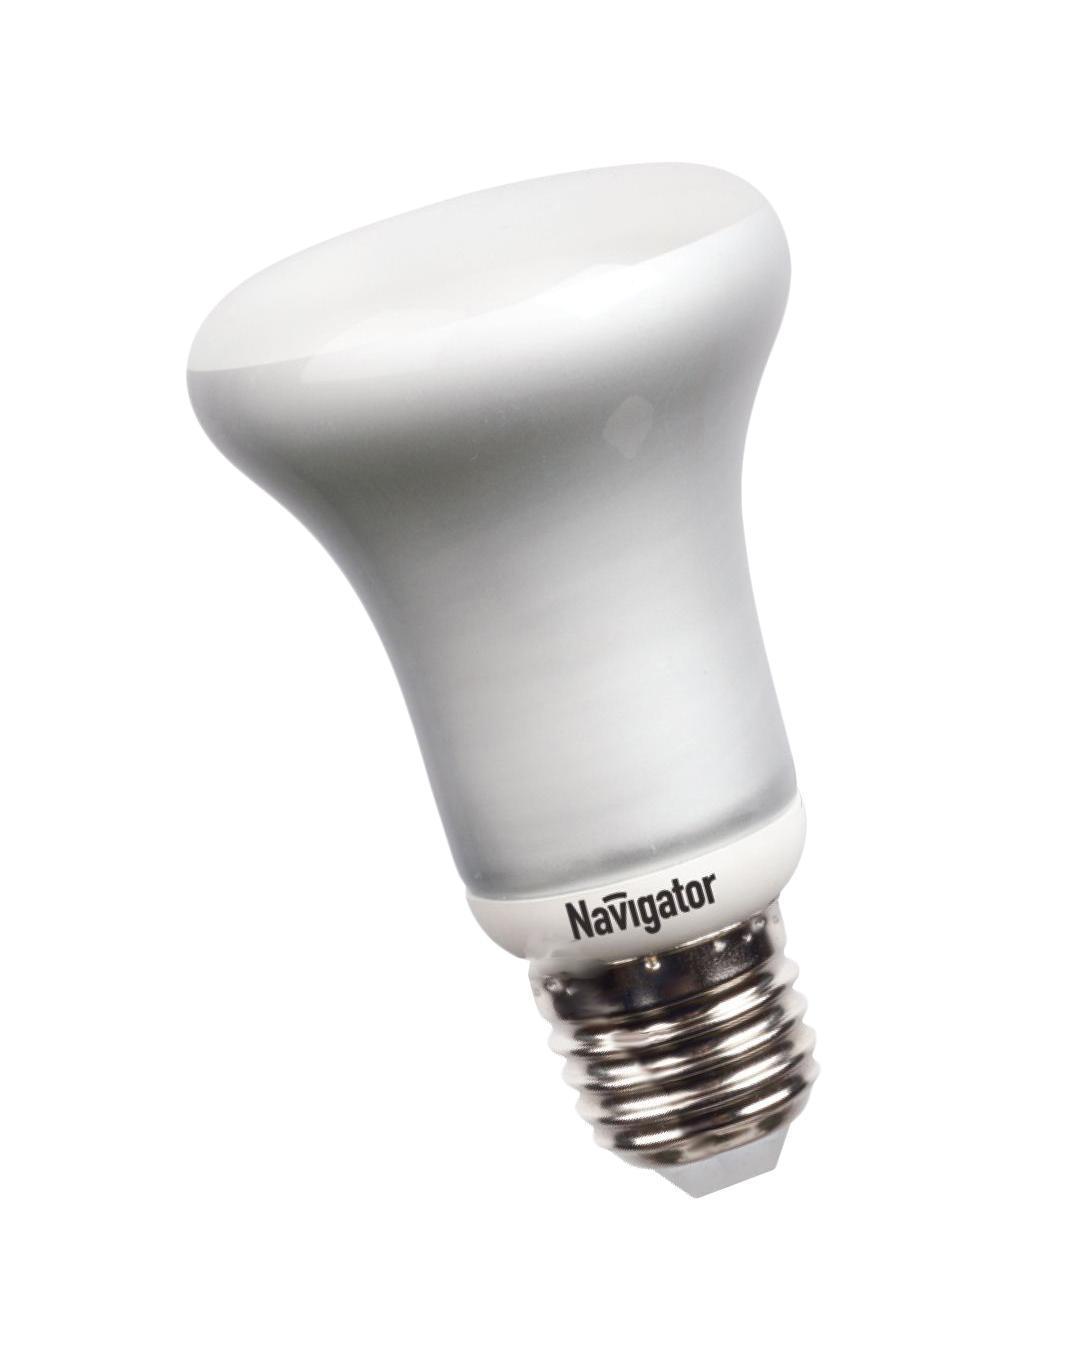 Энергосберегающая лампа Navigator R63, теплый белый свет, цоколь E27, 11W94070NAСветовая отдача энергосберегающей лампы Navigator в среднем в пять раз больше, чем у обычной лампы накаливания. Для примера: световой поток лампы Navigator 20 Вт приблизительно равняется световому потоку лампы накаливания 100 Вт, что позволяет снизить потребление электроэнергии приблизительно на 80% без потери привычного для вас уровня освещенности комнаты.